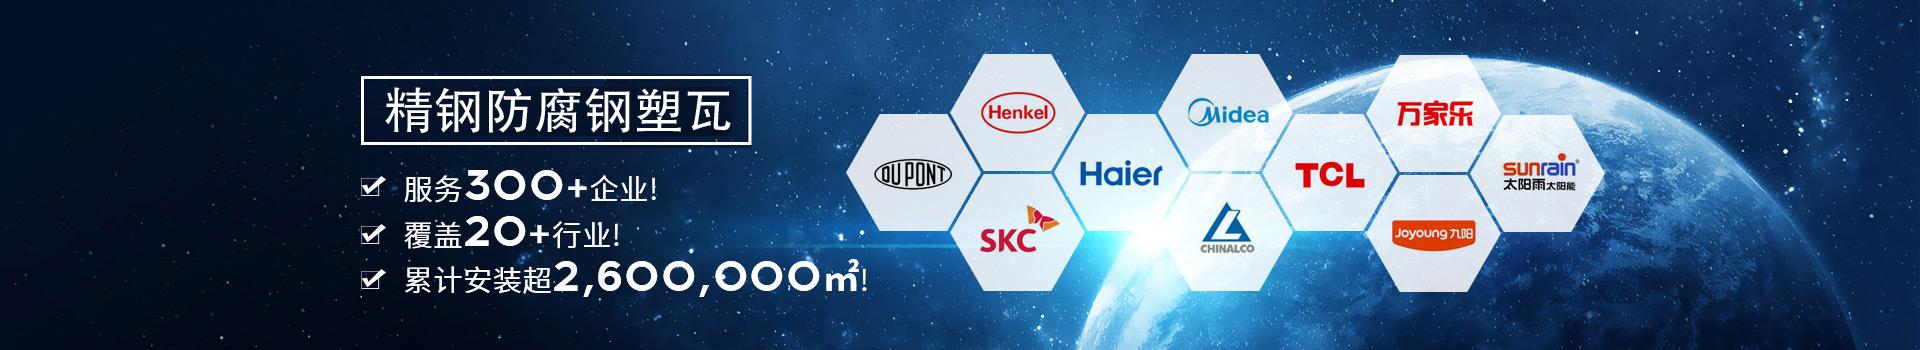 精钢-20+行业,300+企业的共同选择